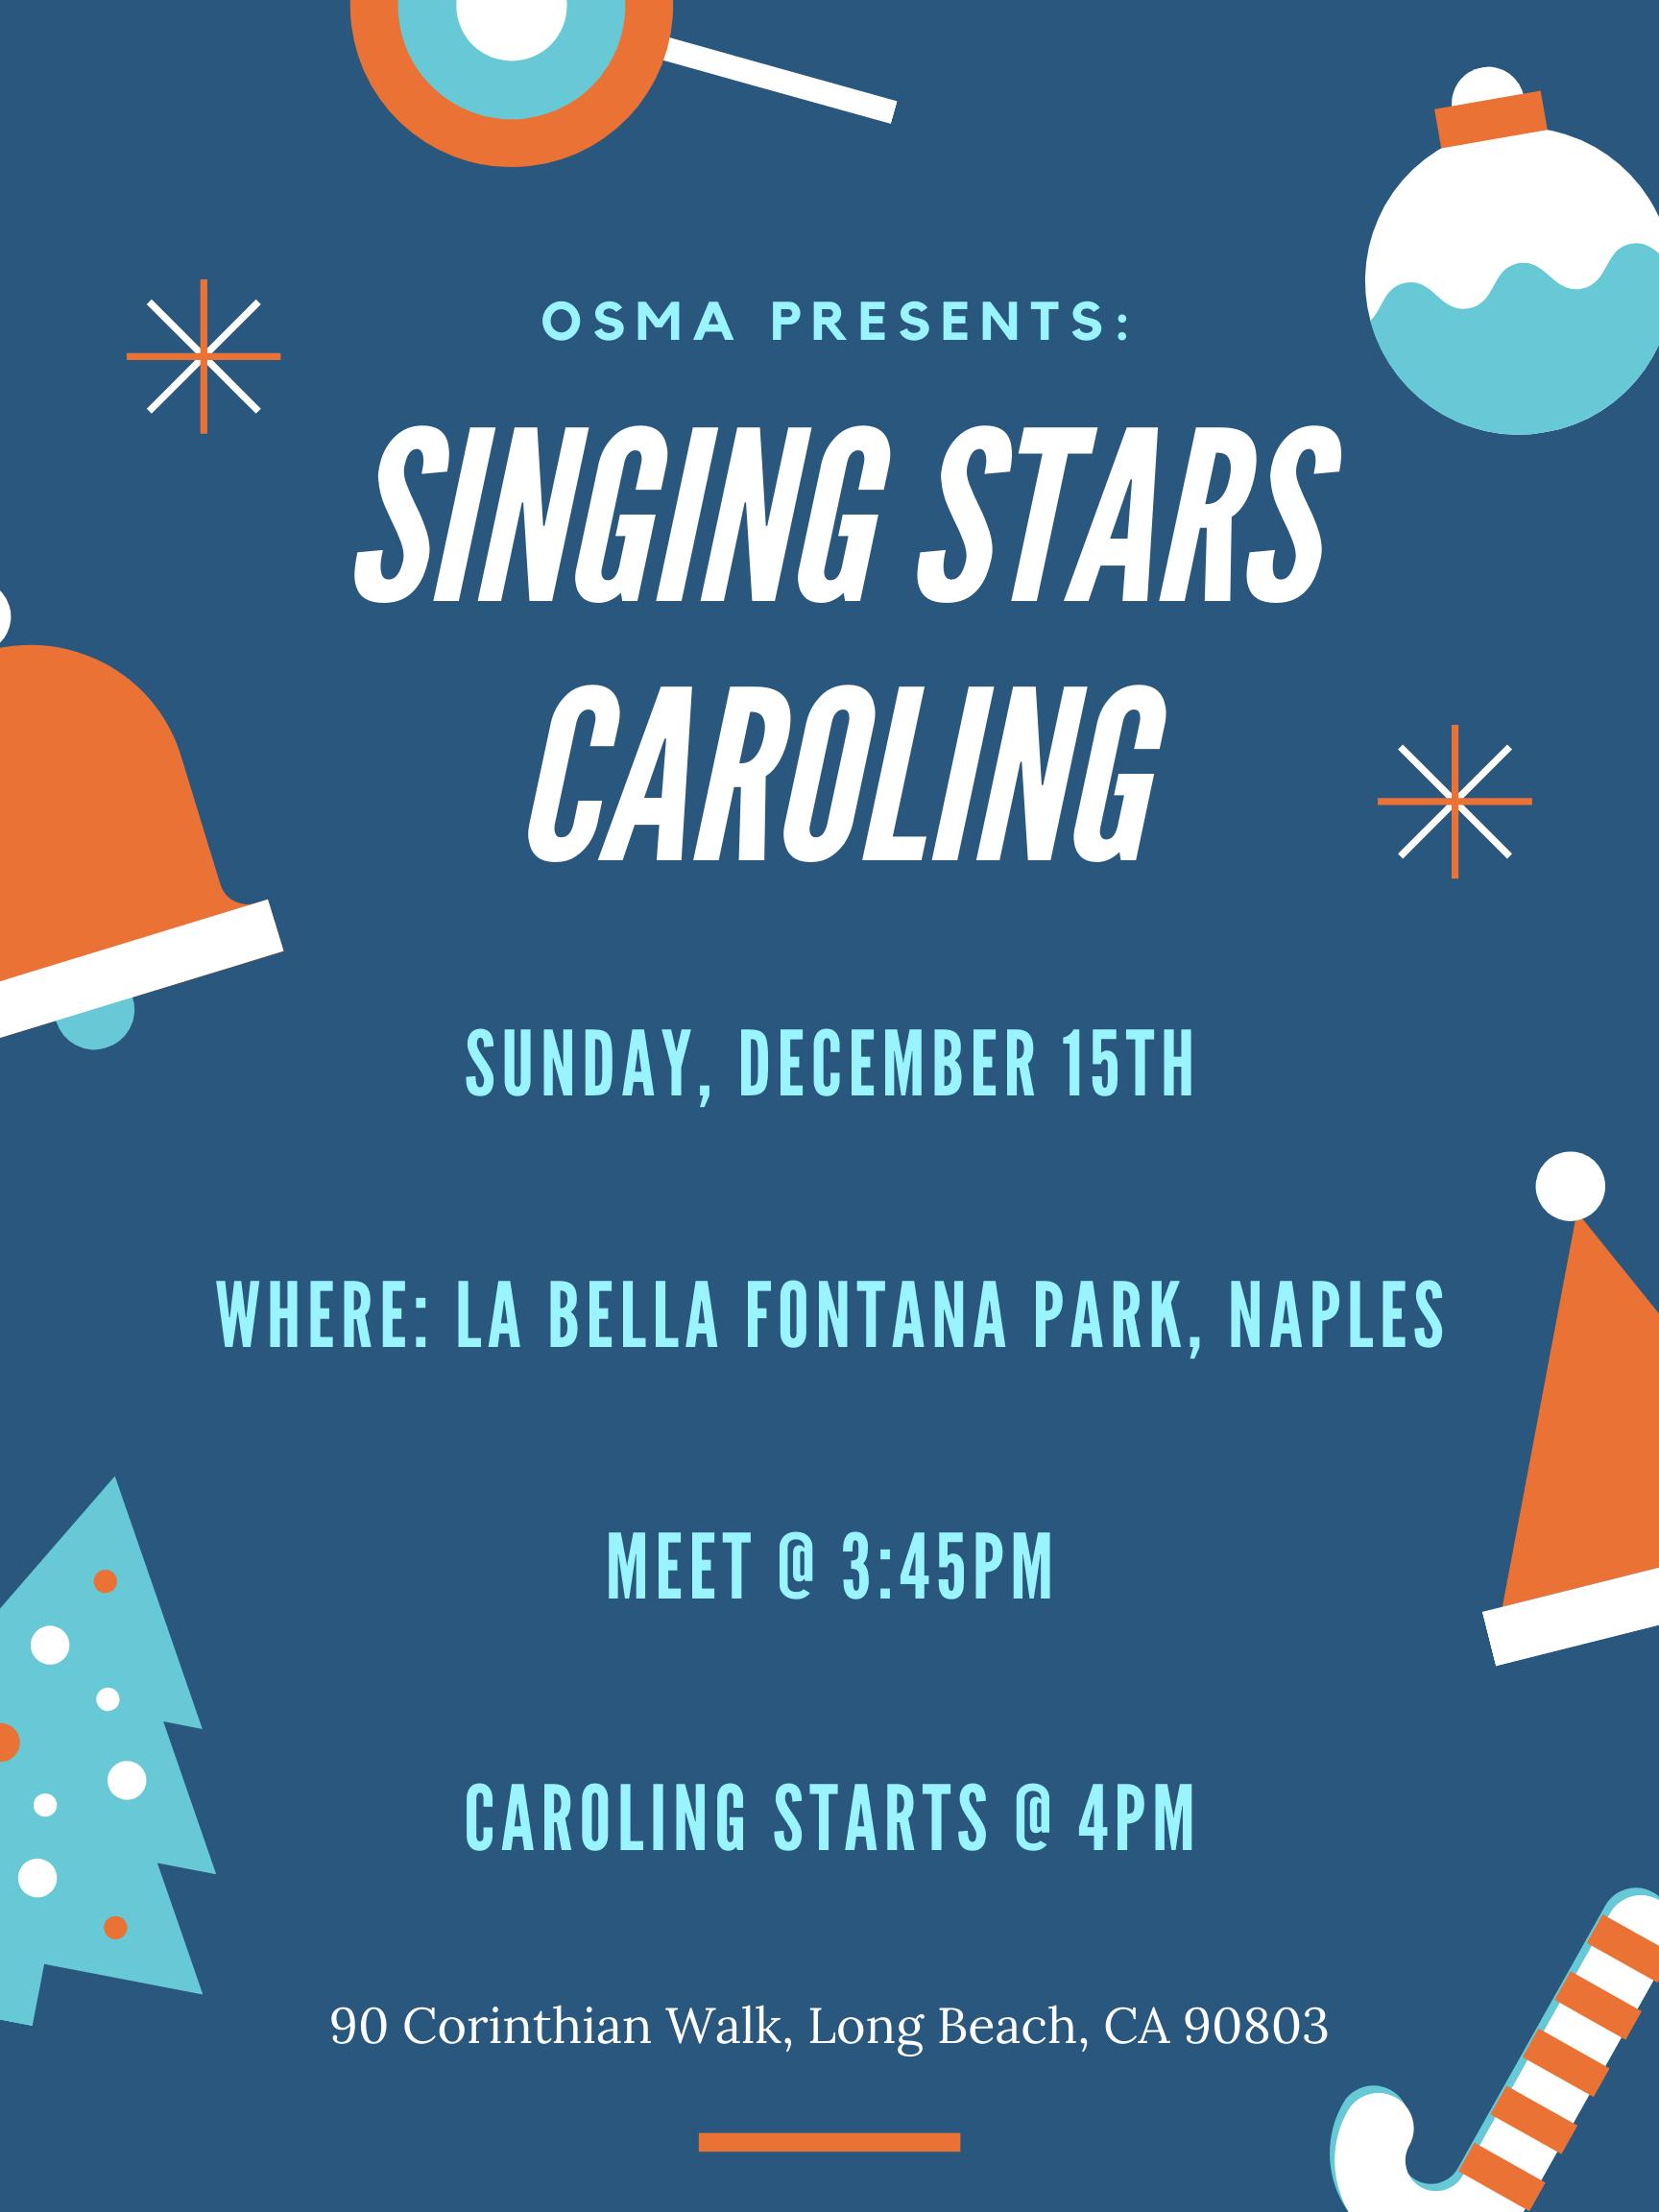 Singing Stars Caroling Poster